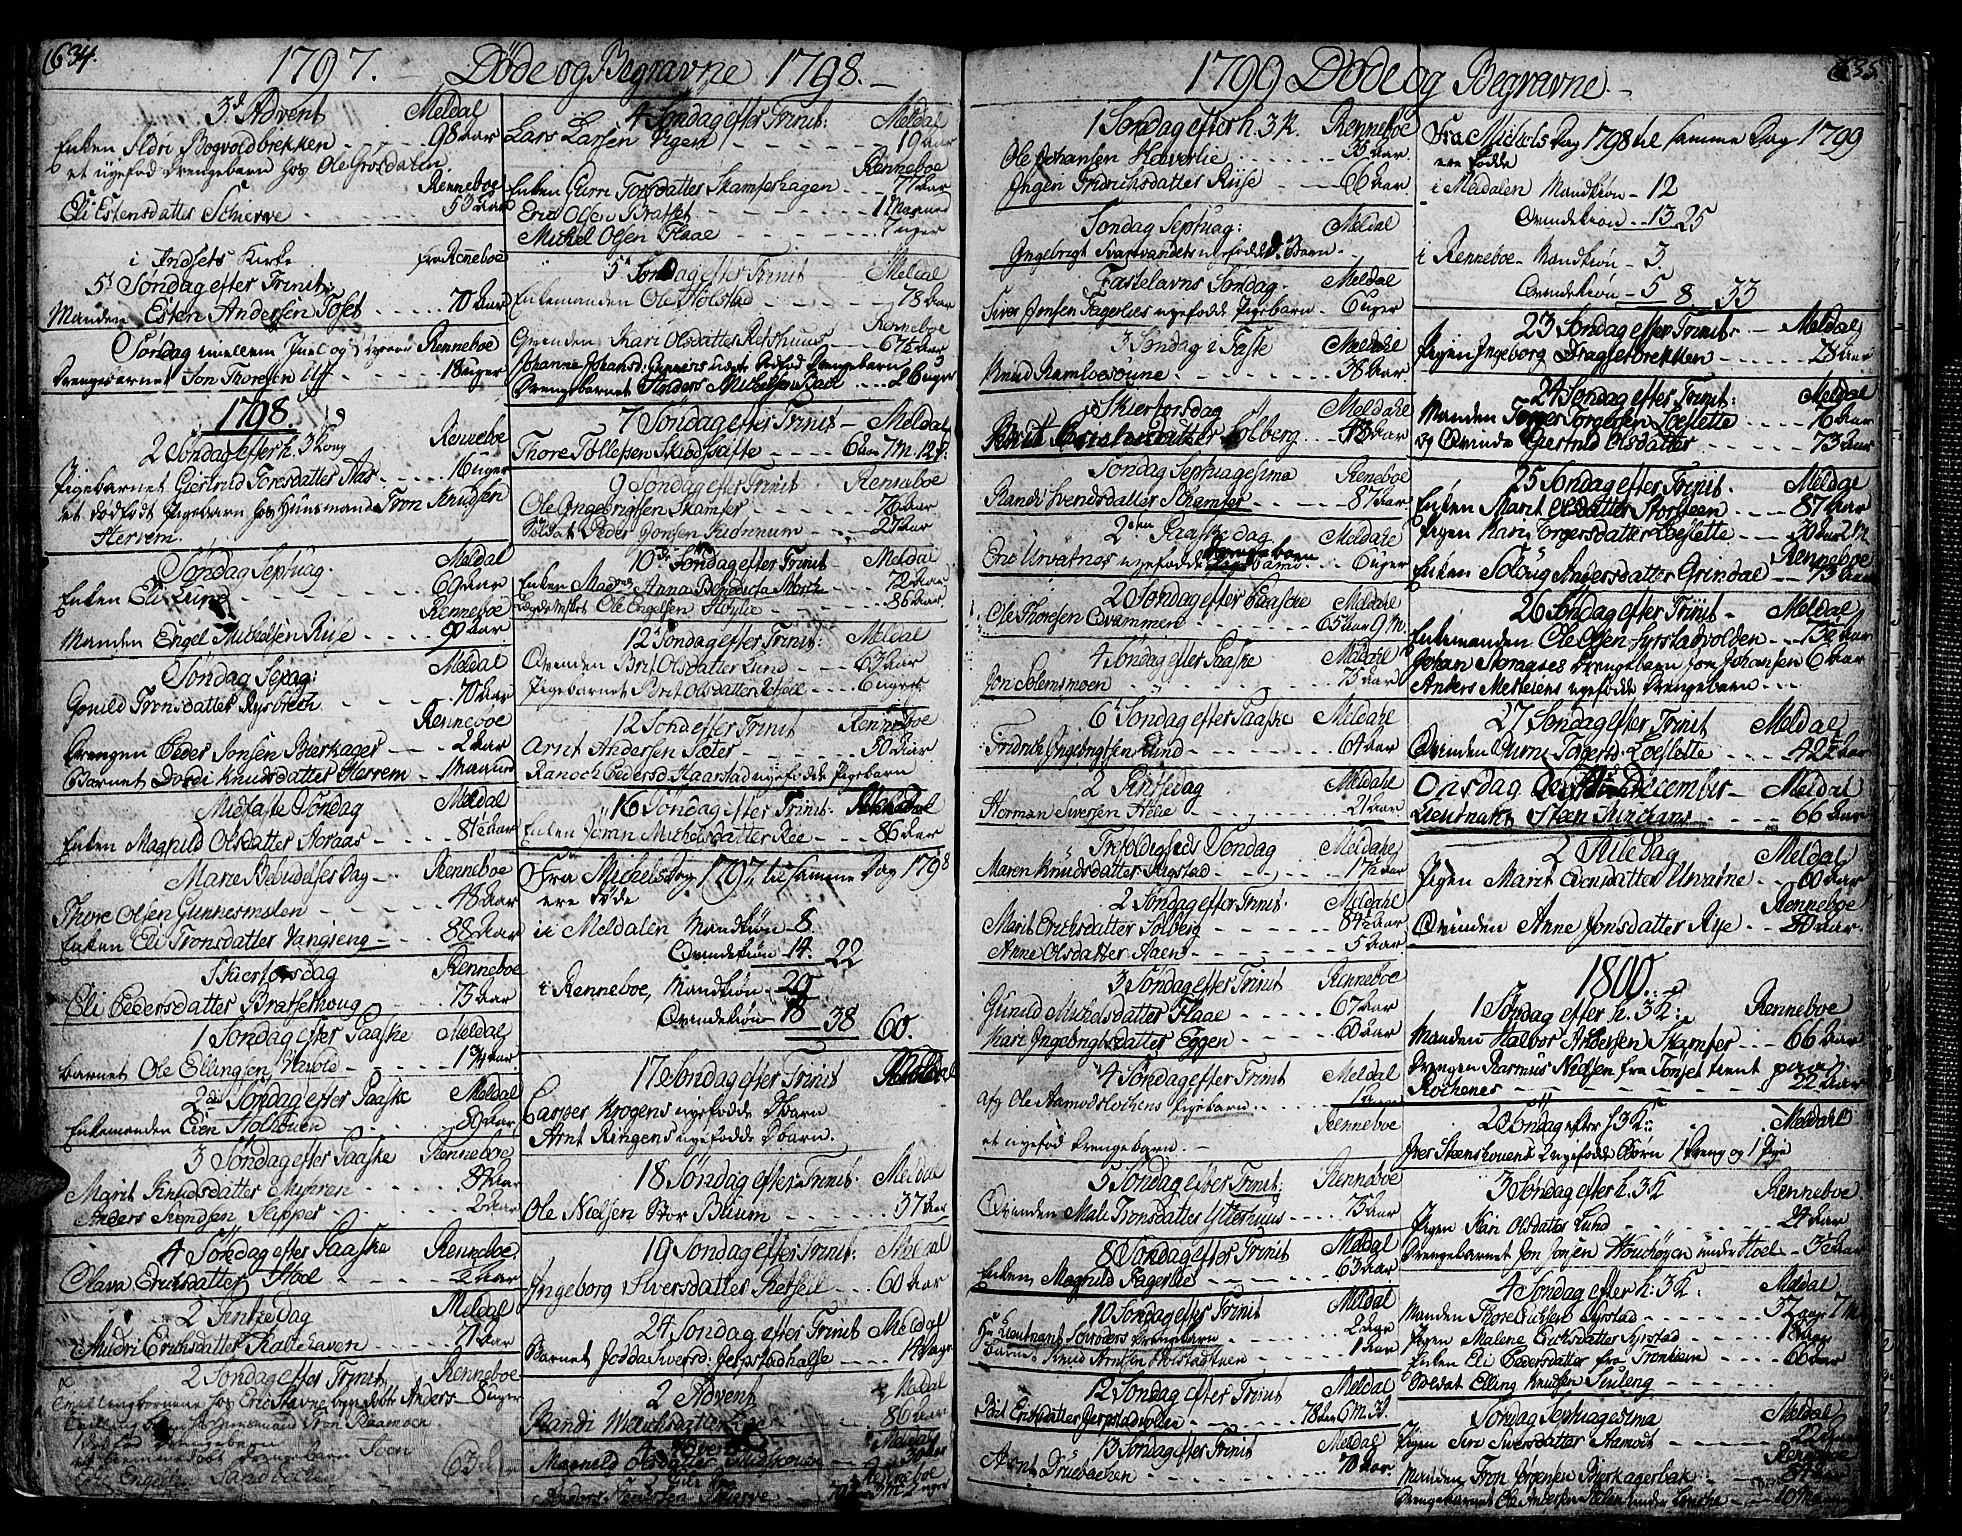 SAT, Ministerialprotokoller, klokkerbøker og fødselsregistre - Sør-Trøndelag, 672/L0852: Ministerialbok nr. 672A05, 1776-1815, s. 634-635